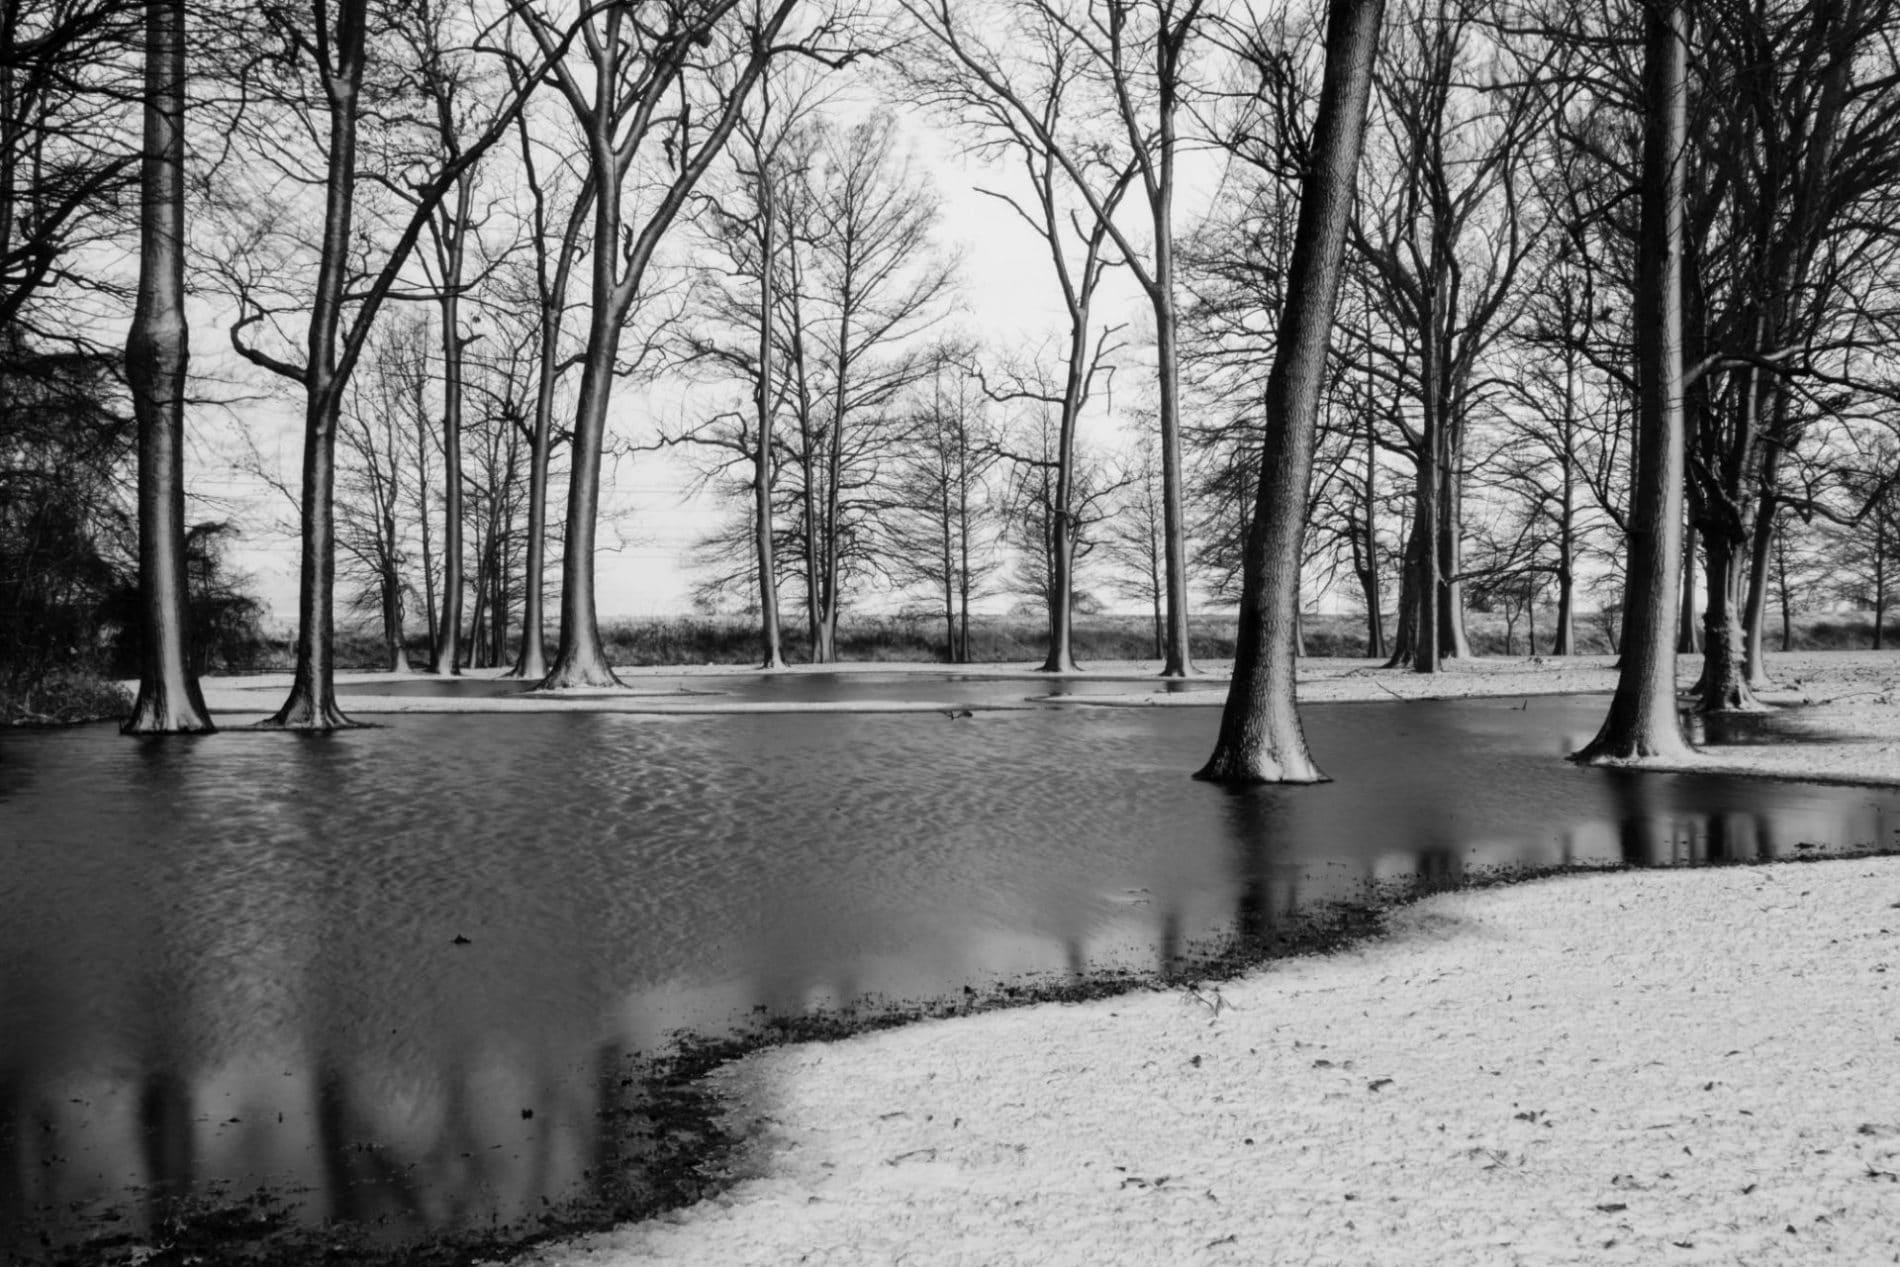 bald cypress trees in water in a snowy landscape